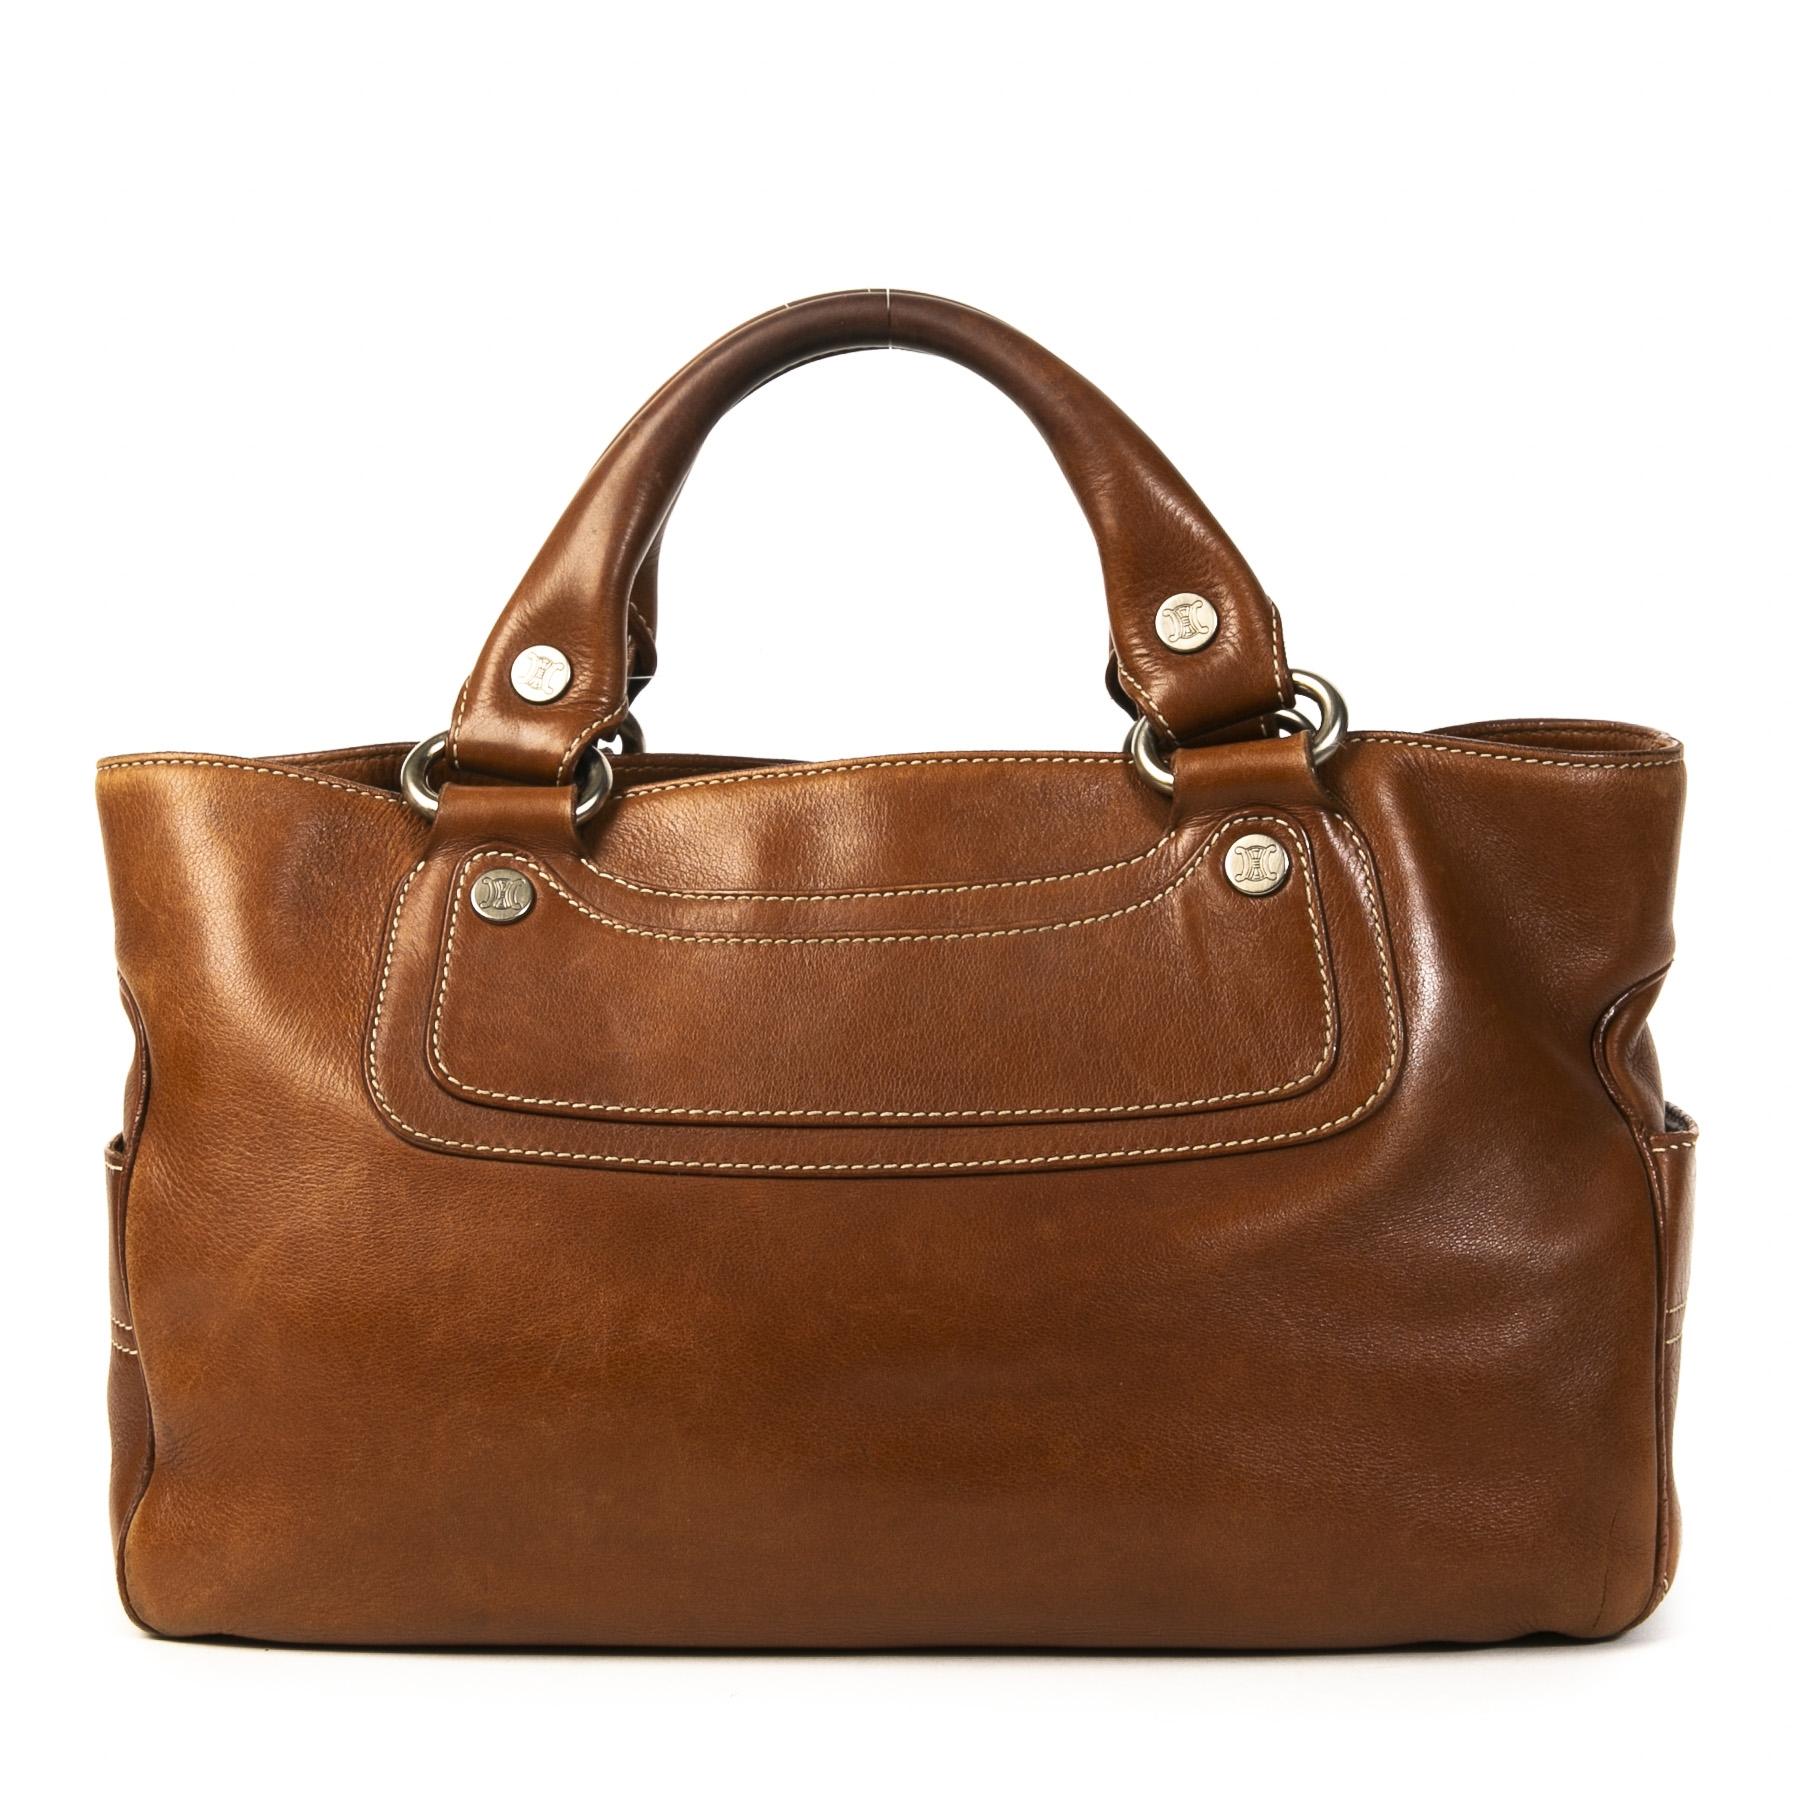 Authentieke Tweedehands Céline Cognac Leather Top Handle Bag juiste prijs veilig online shoppen luxe merken webshop winkelen Antwerpen België mode fashion